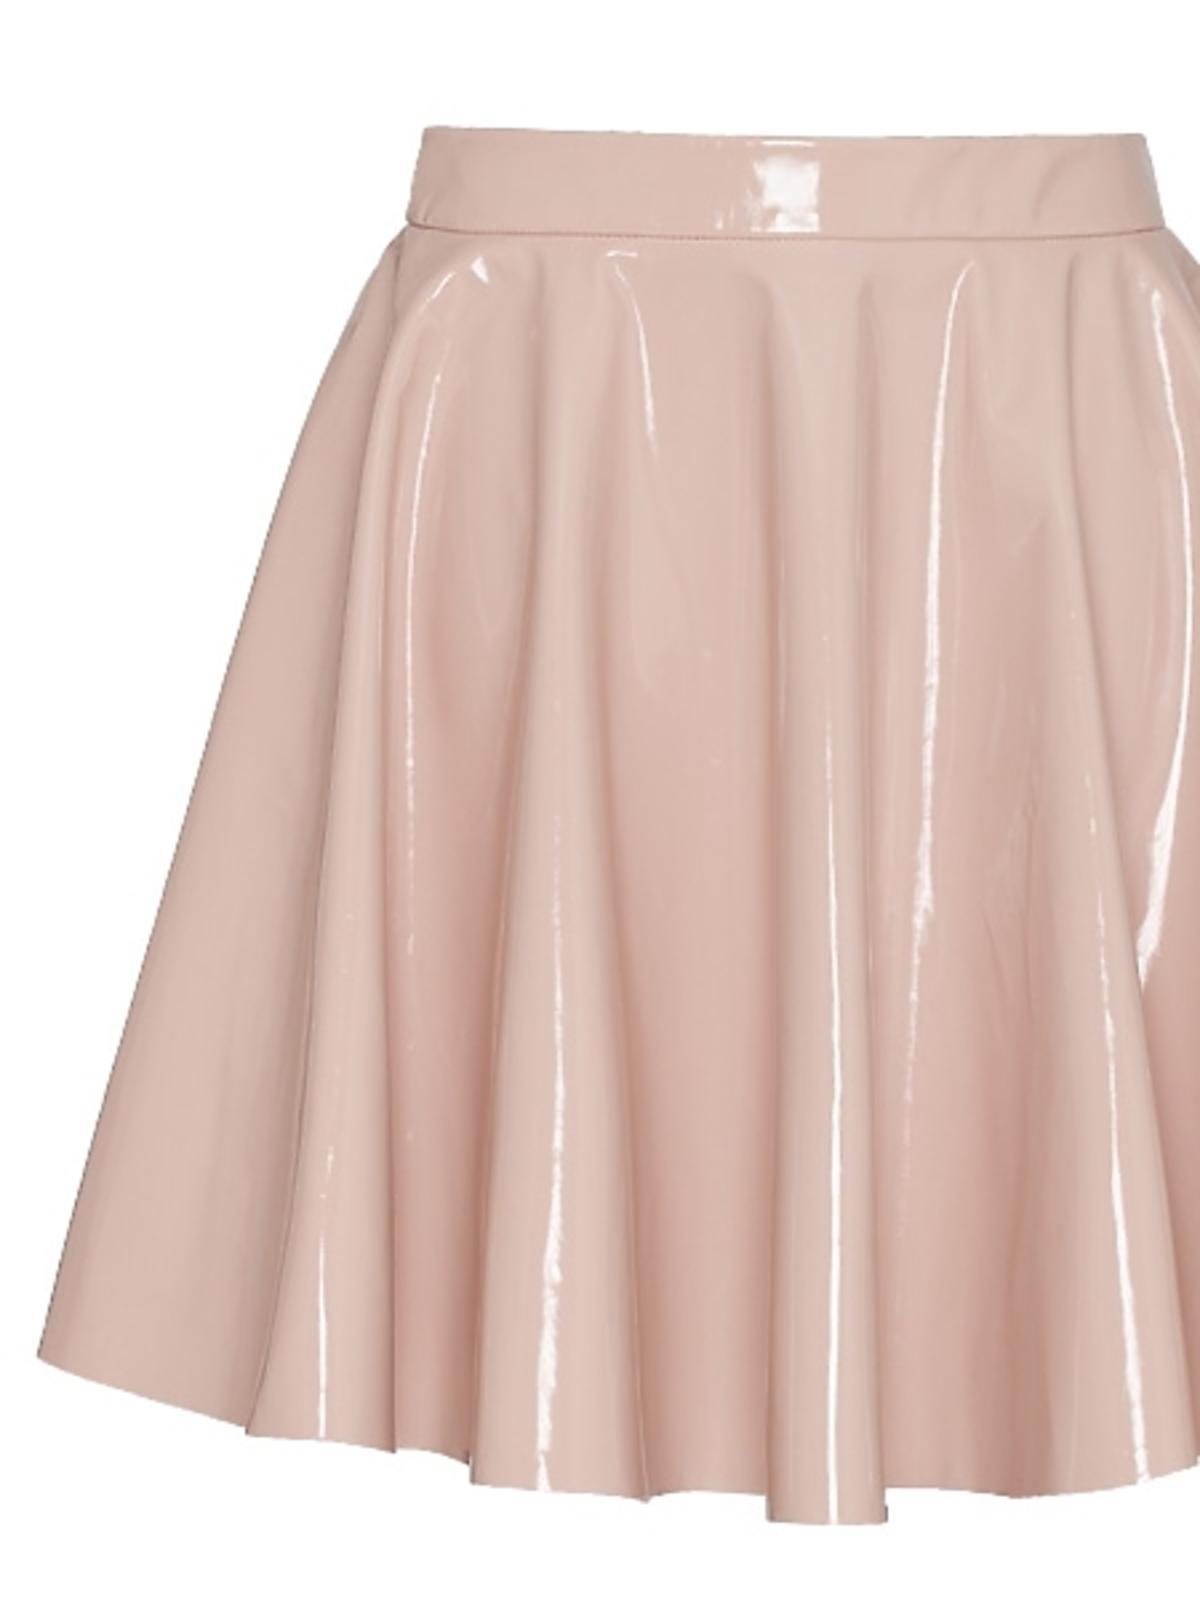 Beżowa spódnica Mohito, cena